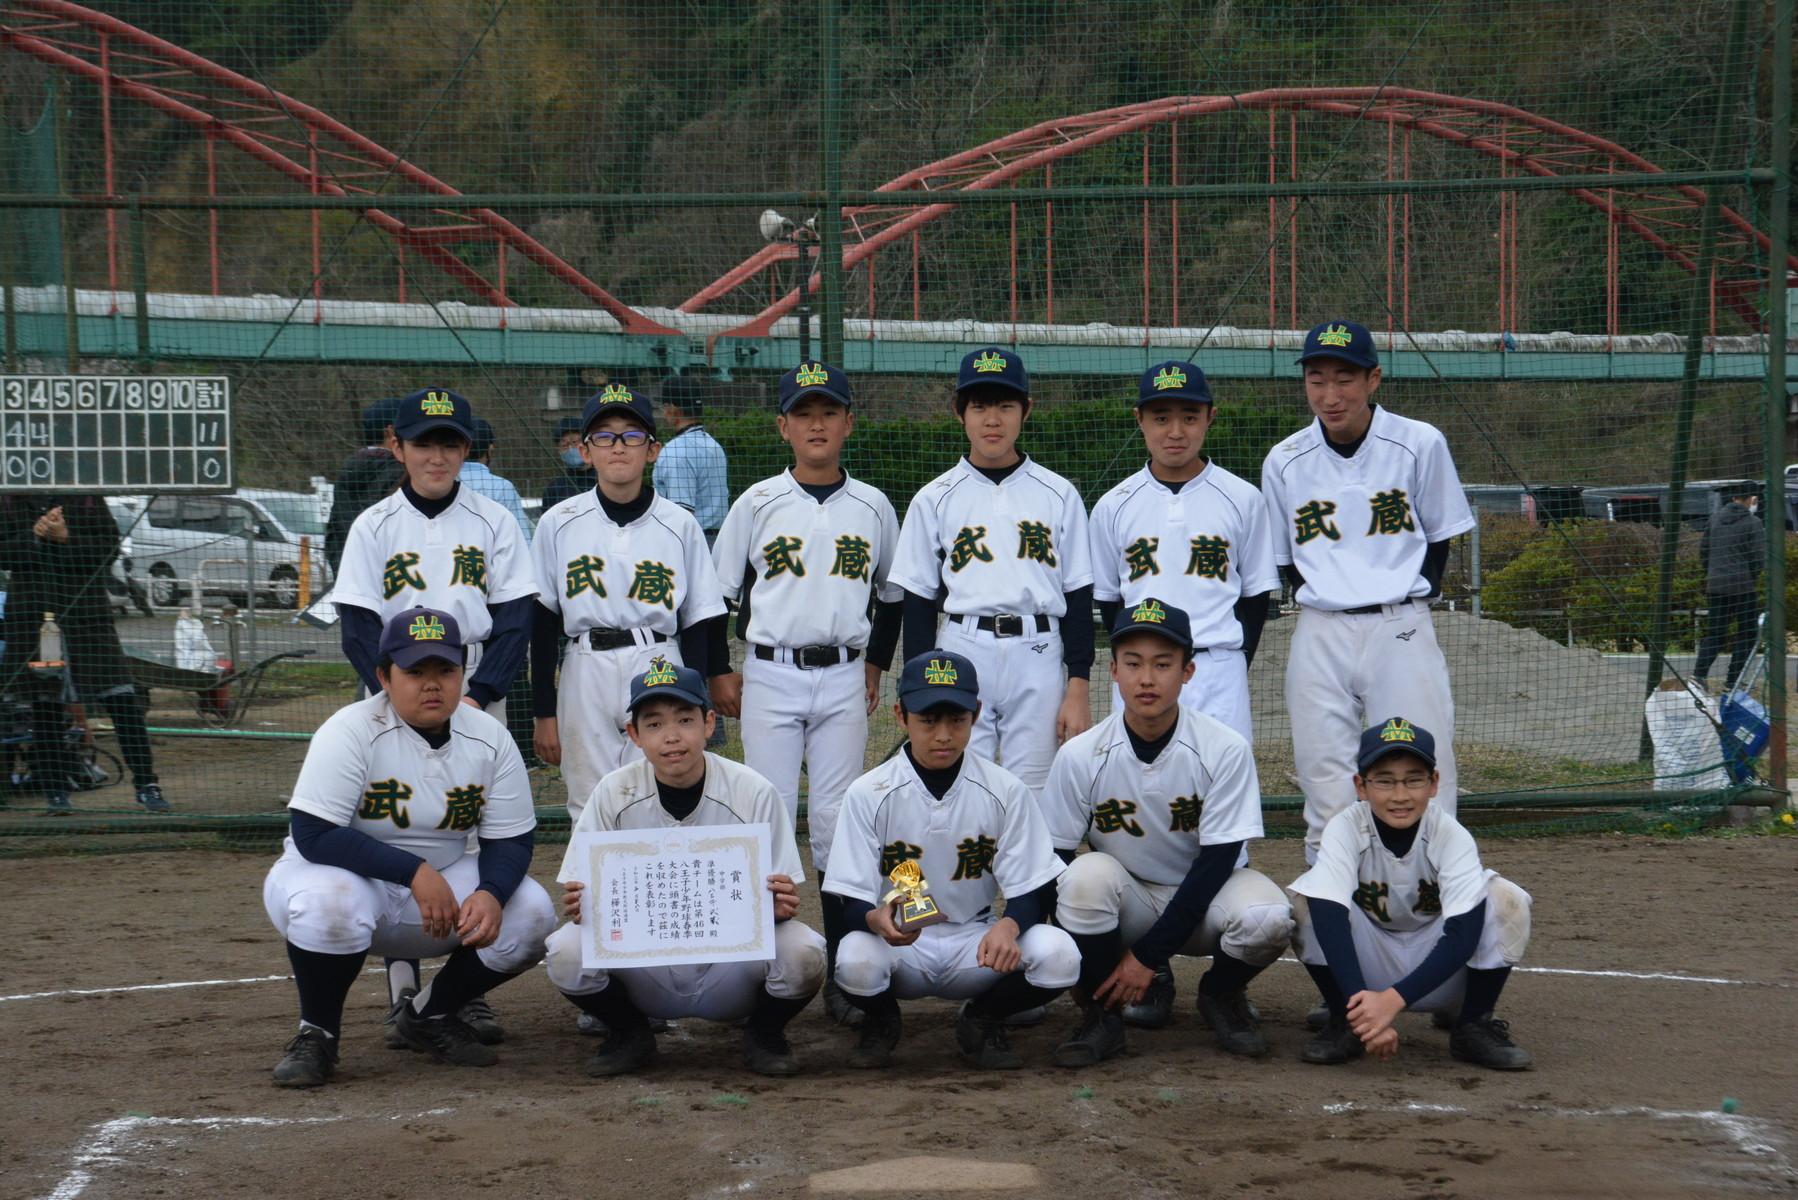 第46回八王子市少年軟式野球・春季大会 準優勝:八王子武蔵 令和3年3月28日